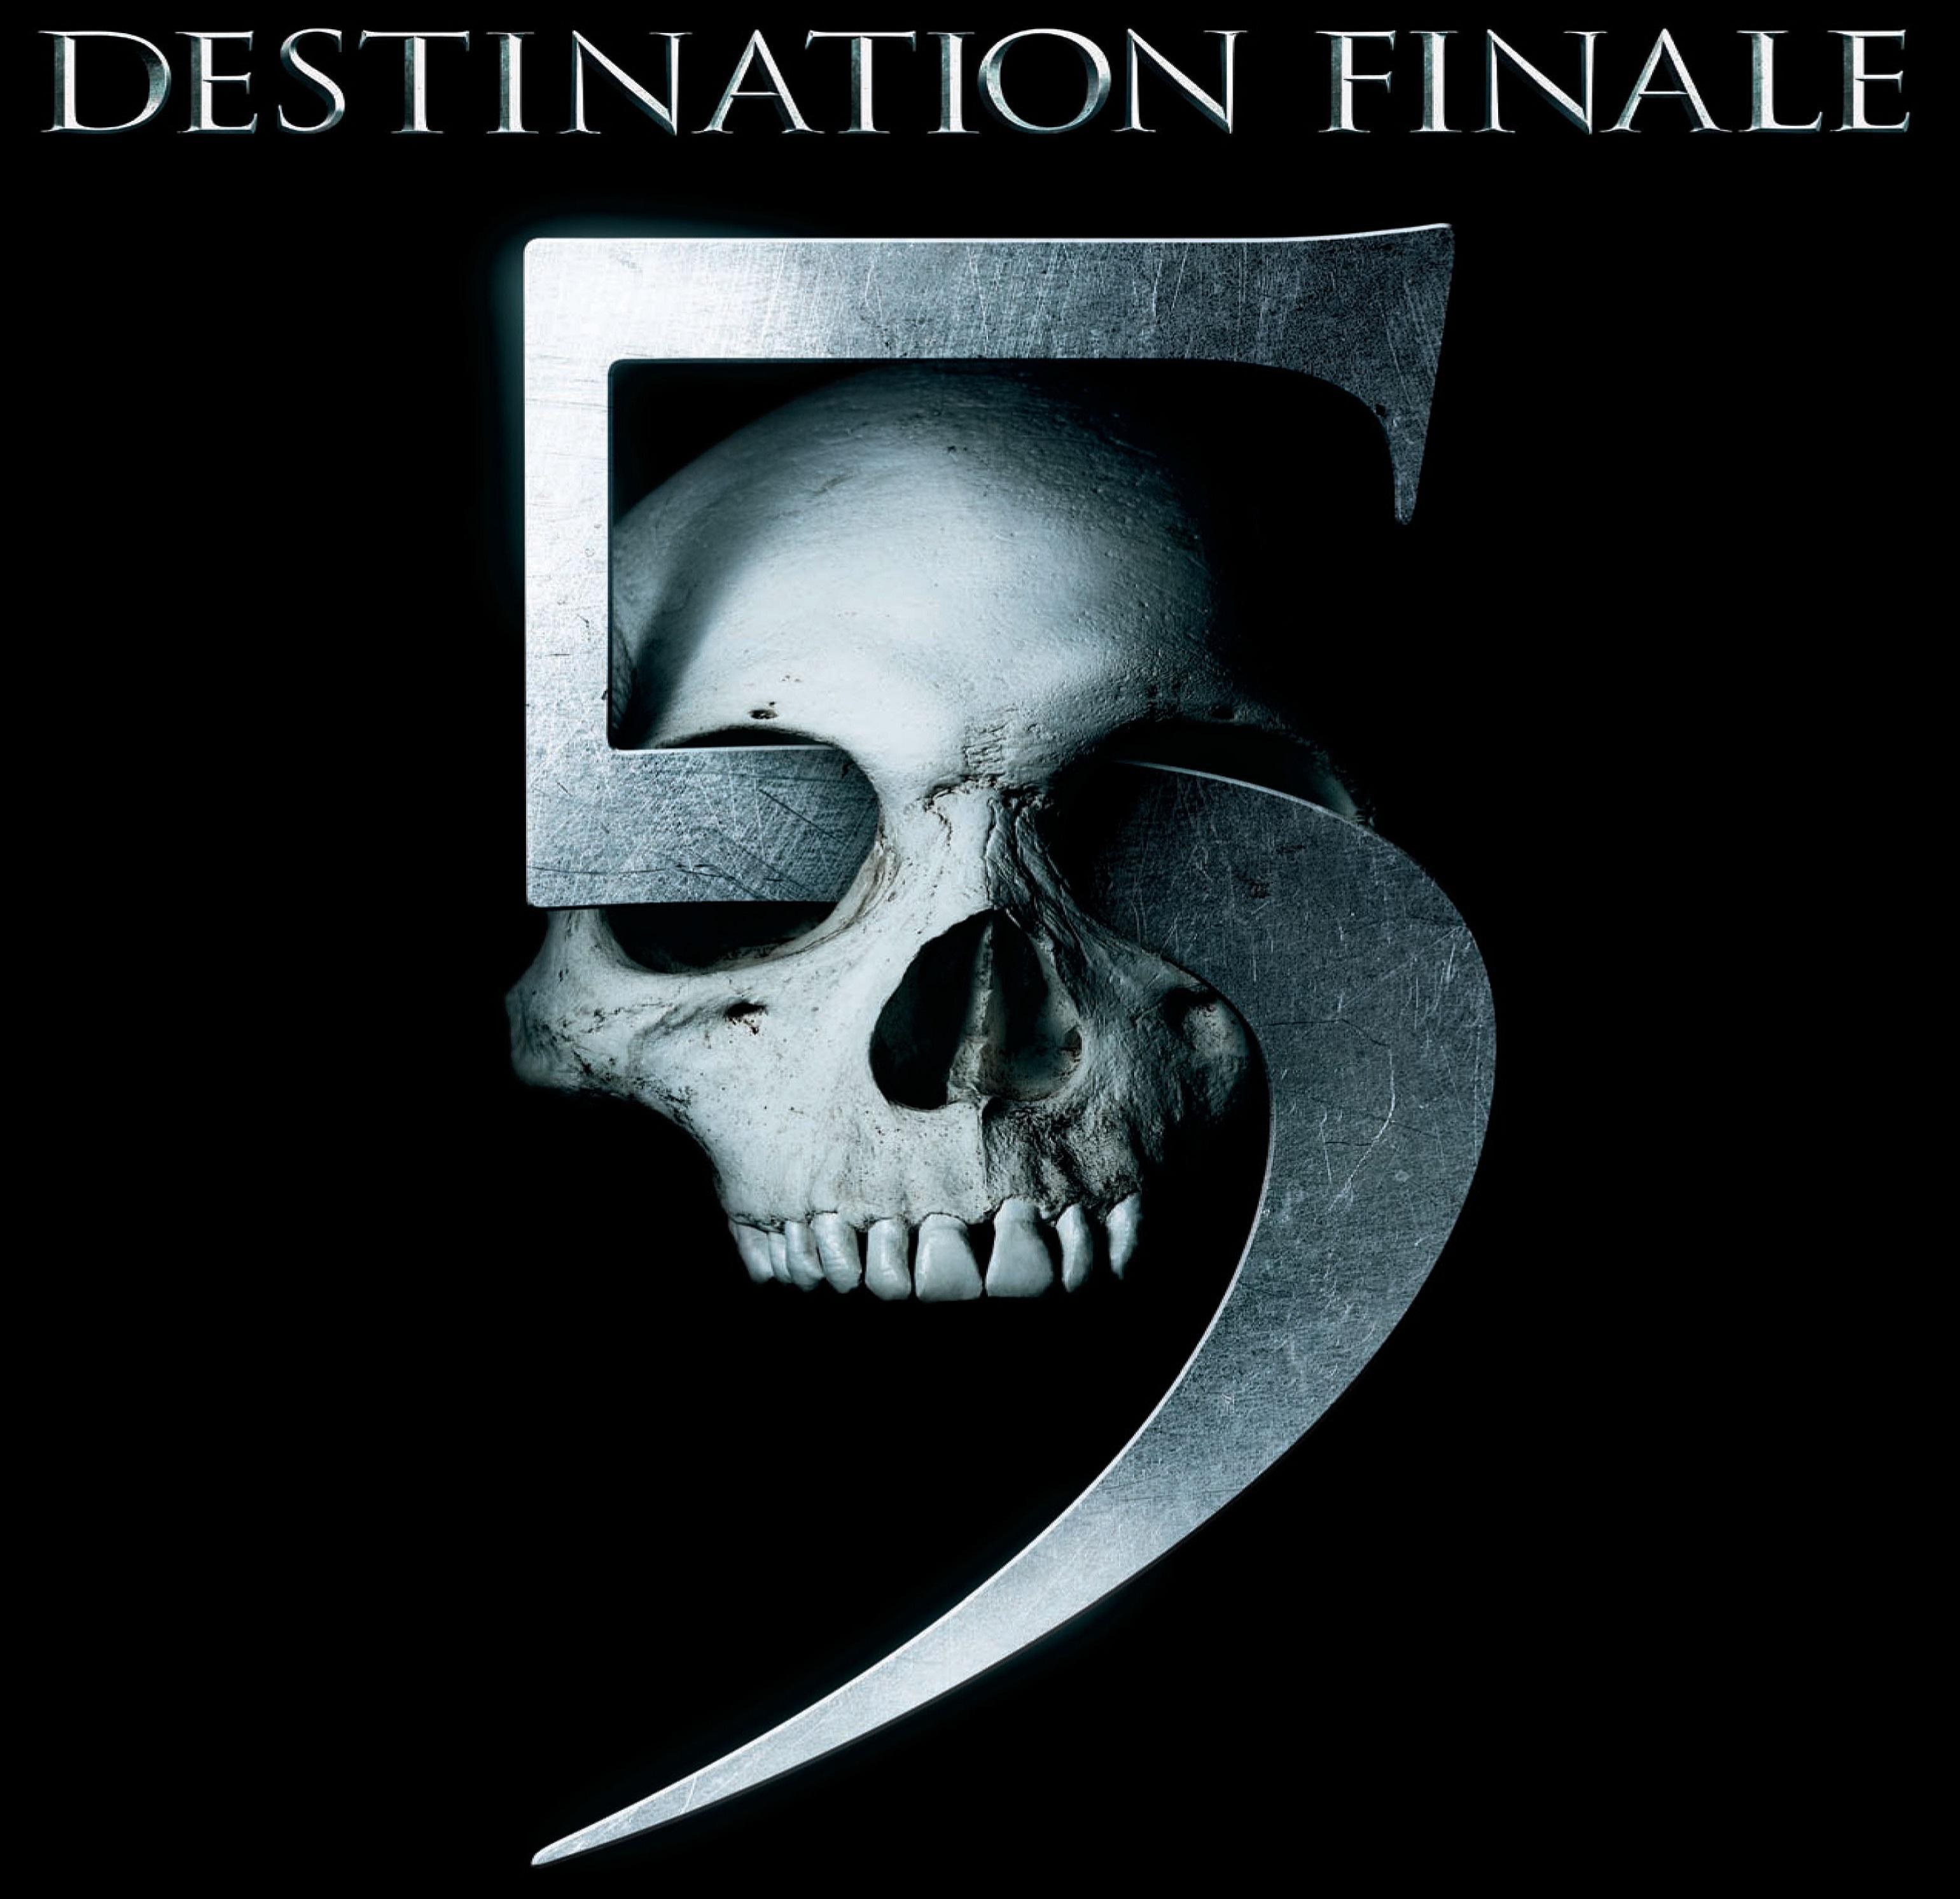 Destination finale (2)